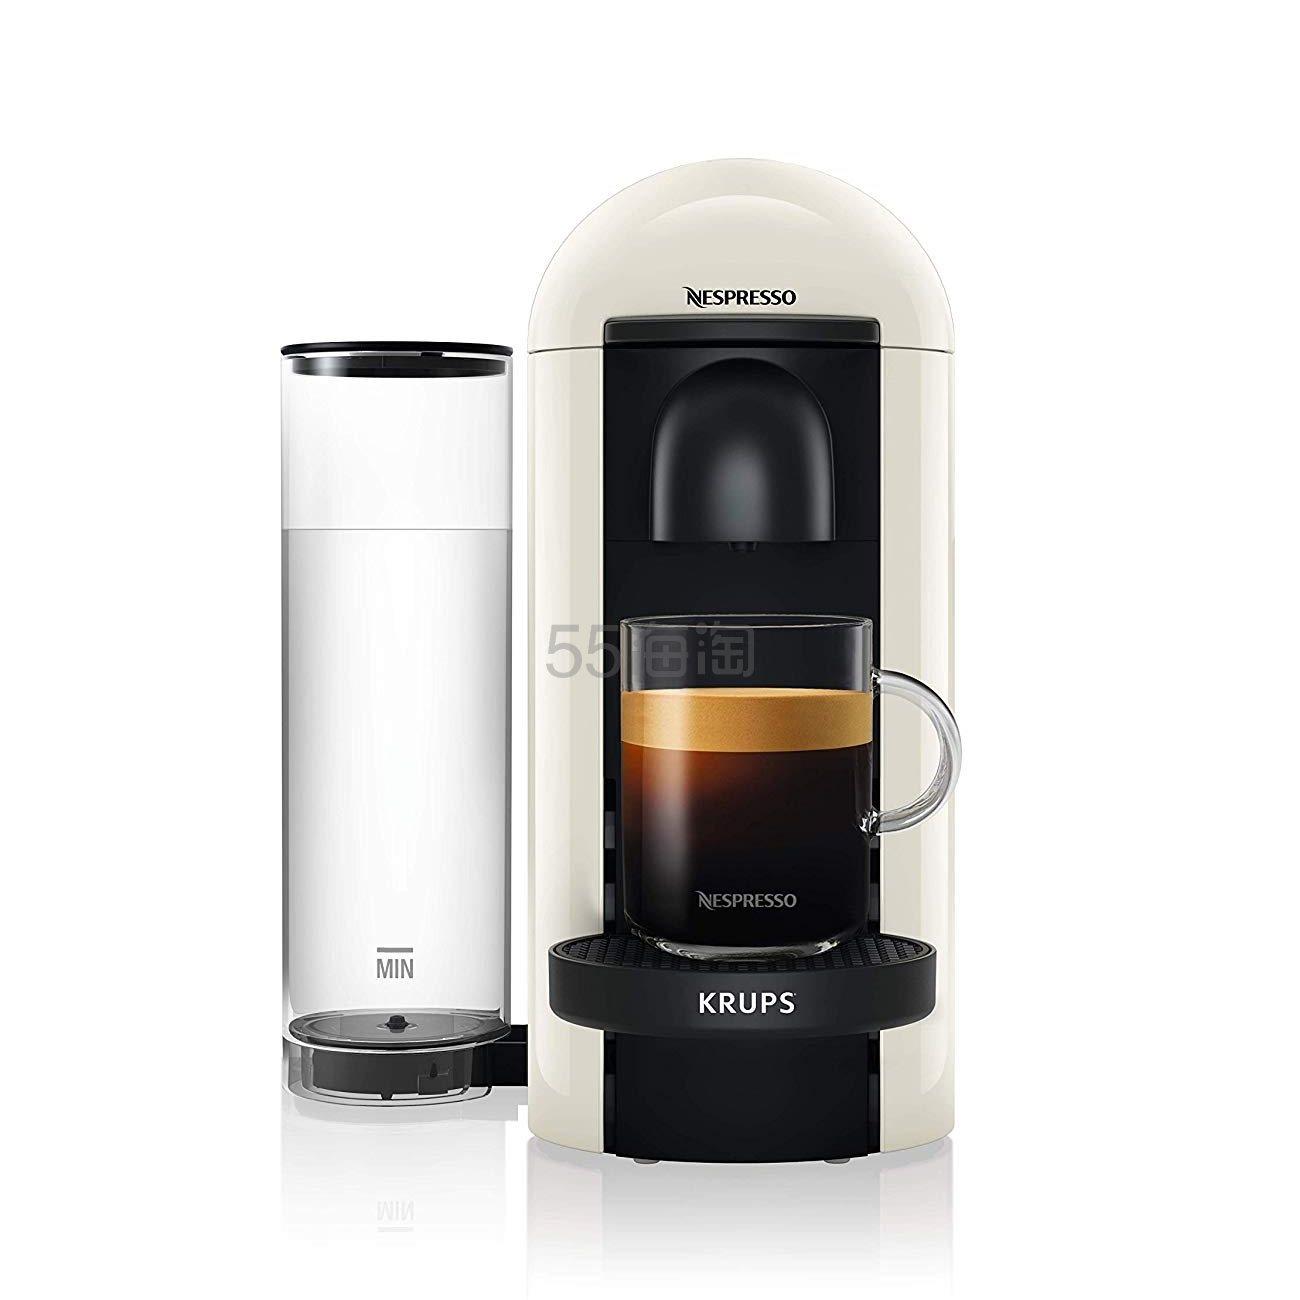 【中亚Prime会员】Nespresso Krups XN903140 胶囊咖啡机 到手价434元 - 海淘优惠海淘折扣 55海淘网